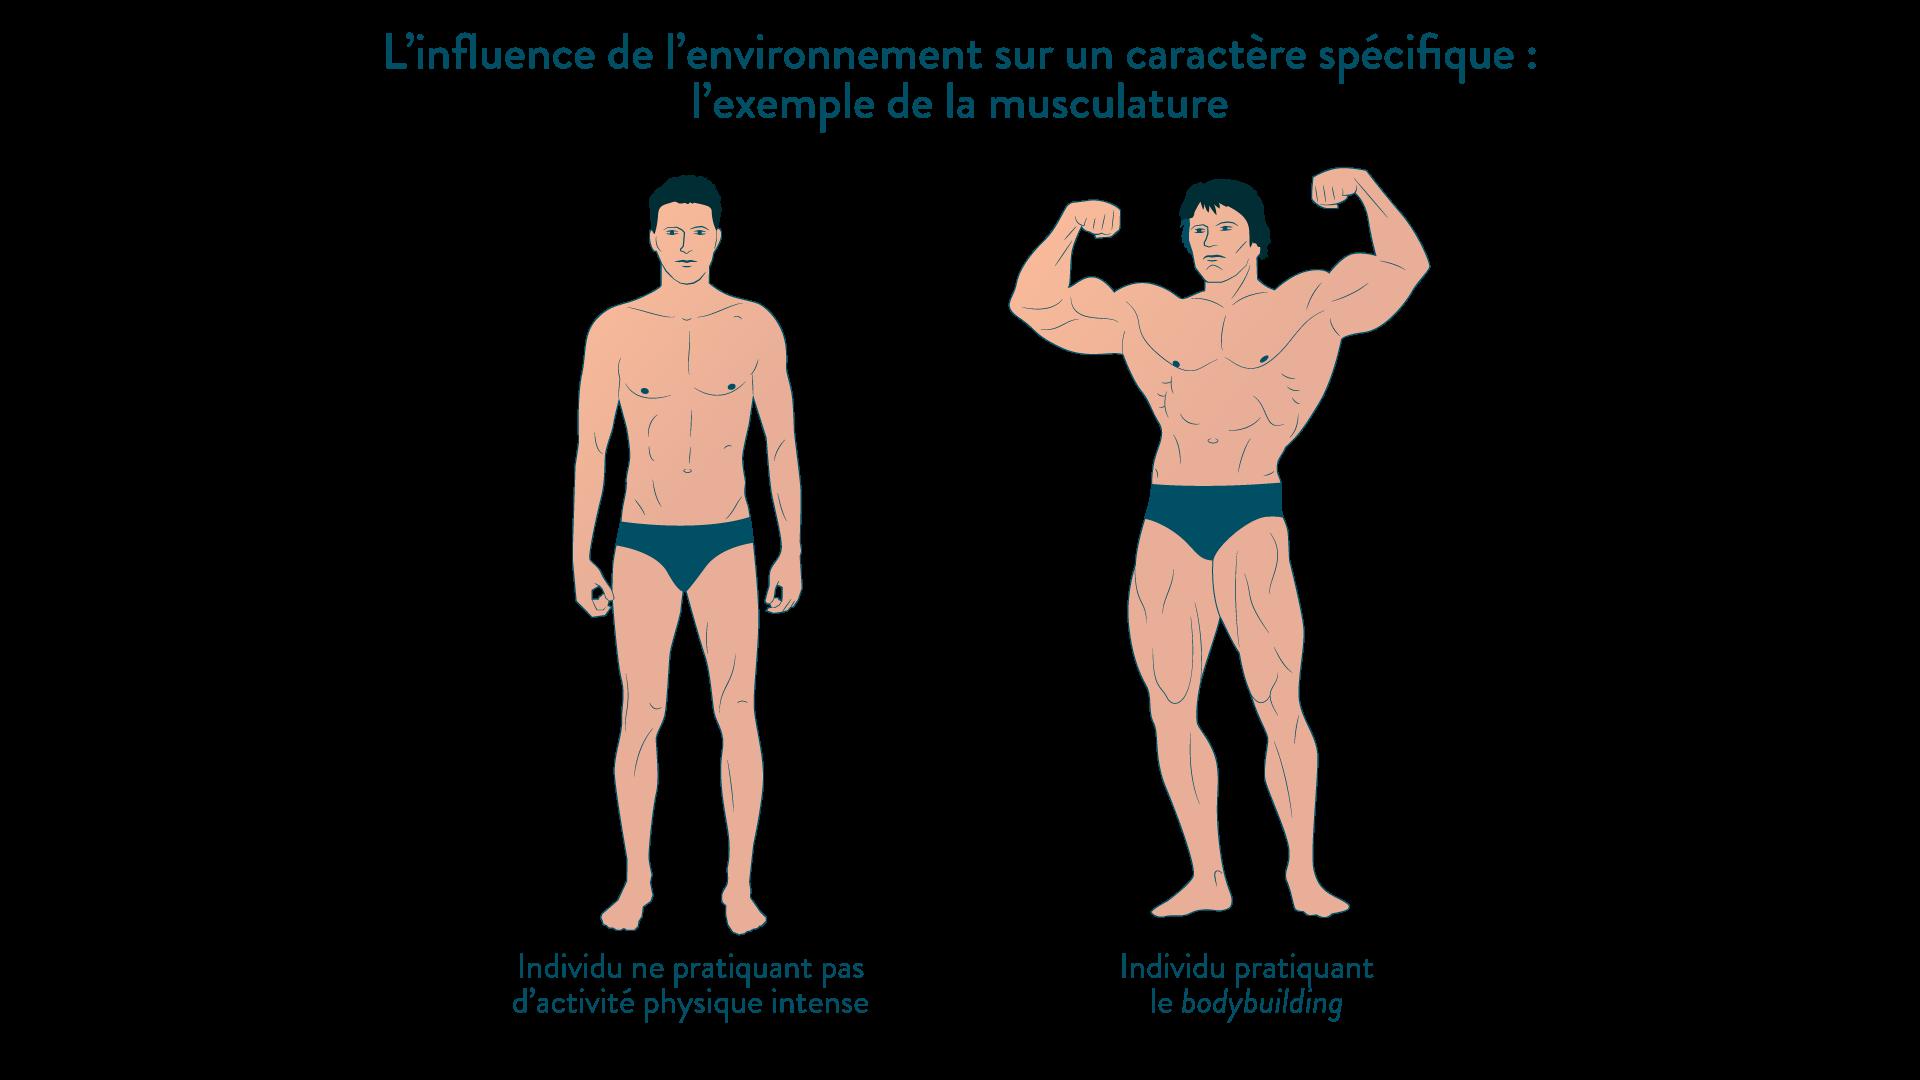 L'influence de l'environnement sur un caractère spécifique : l'exemple de la musculature